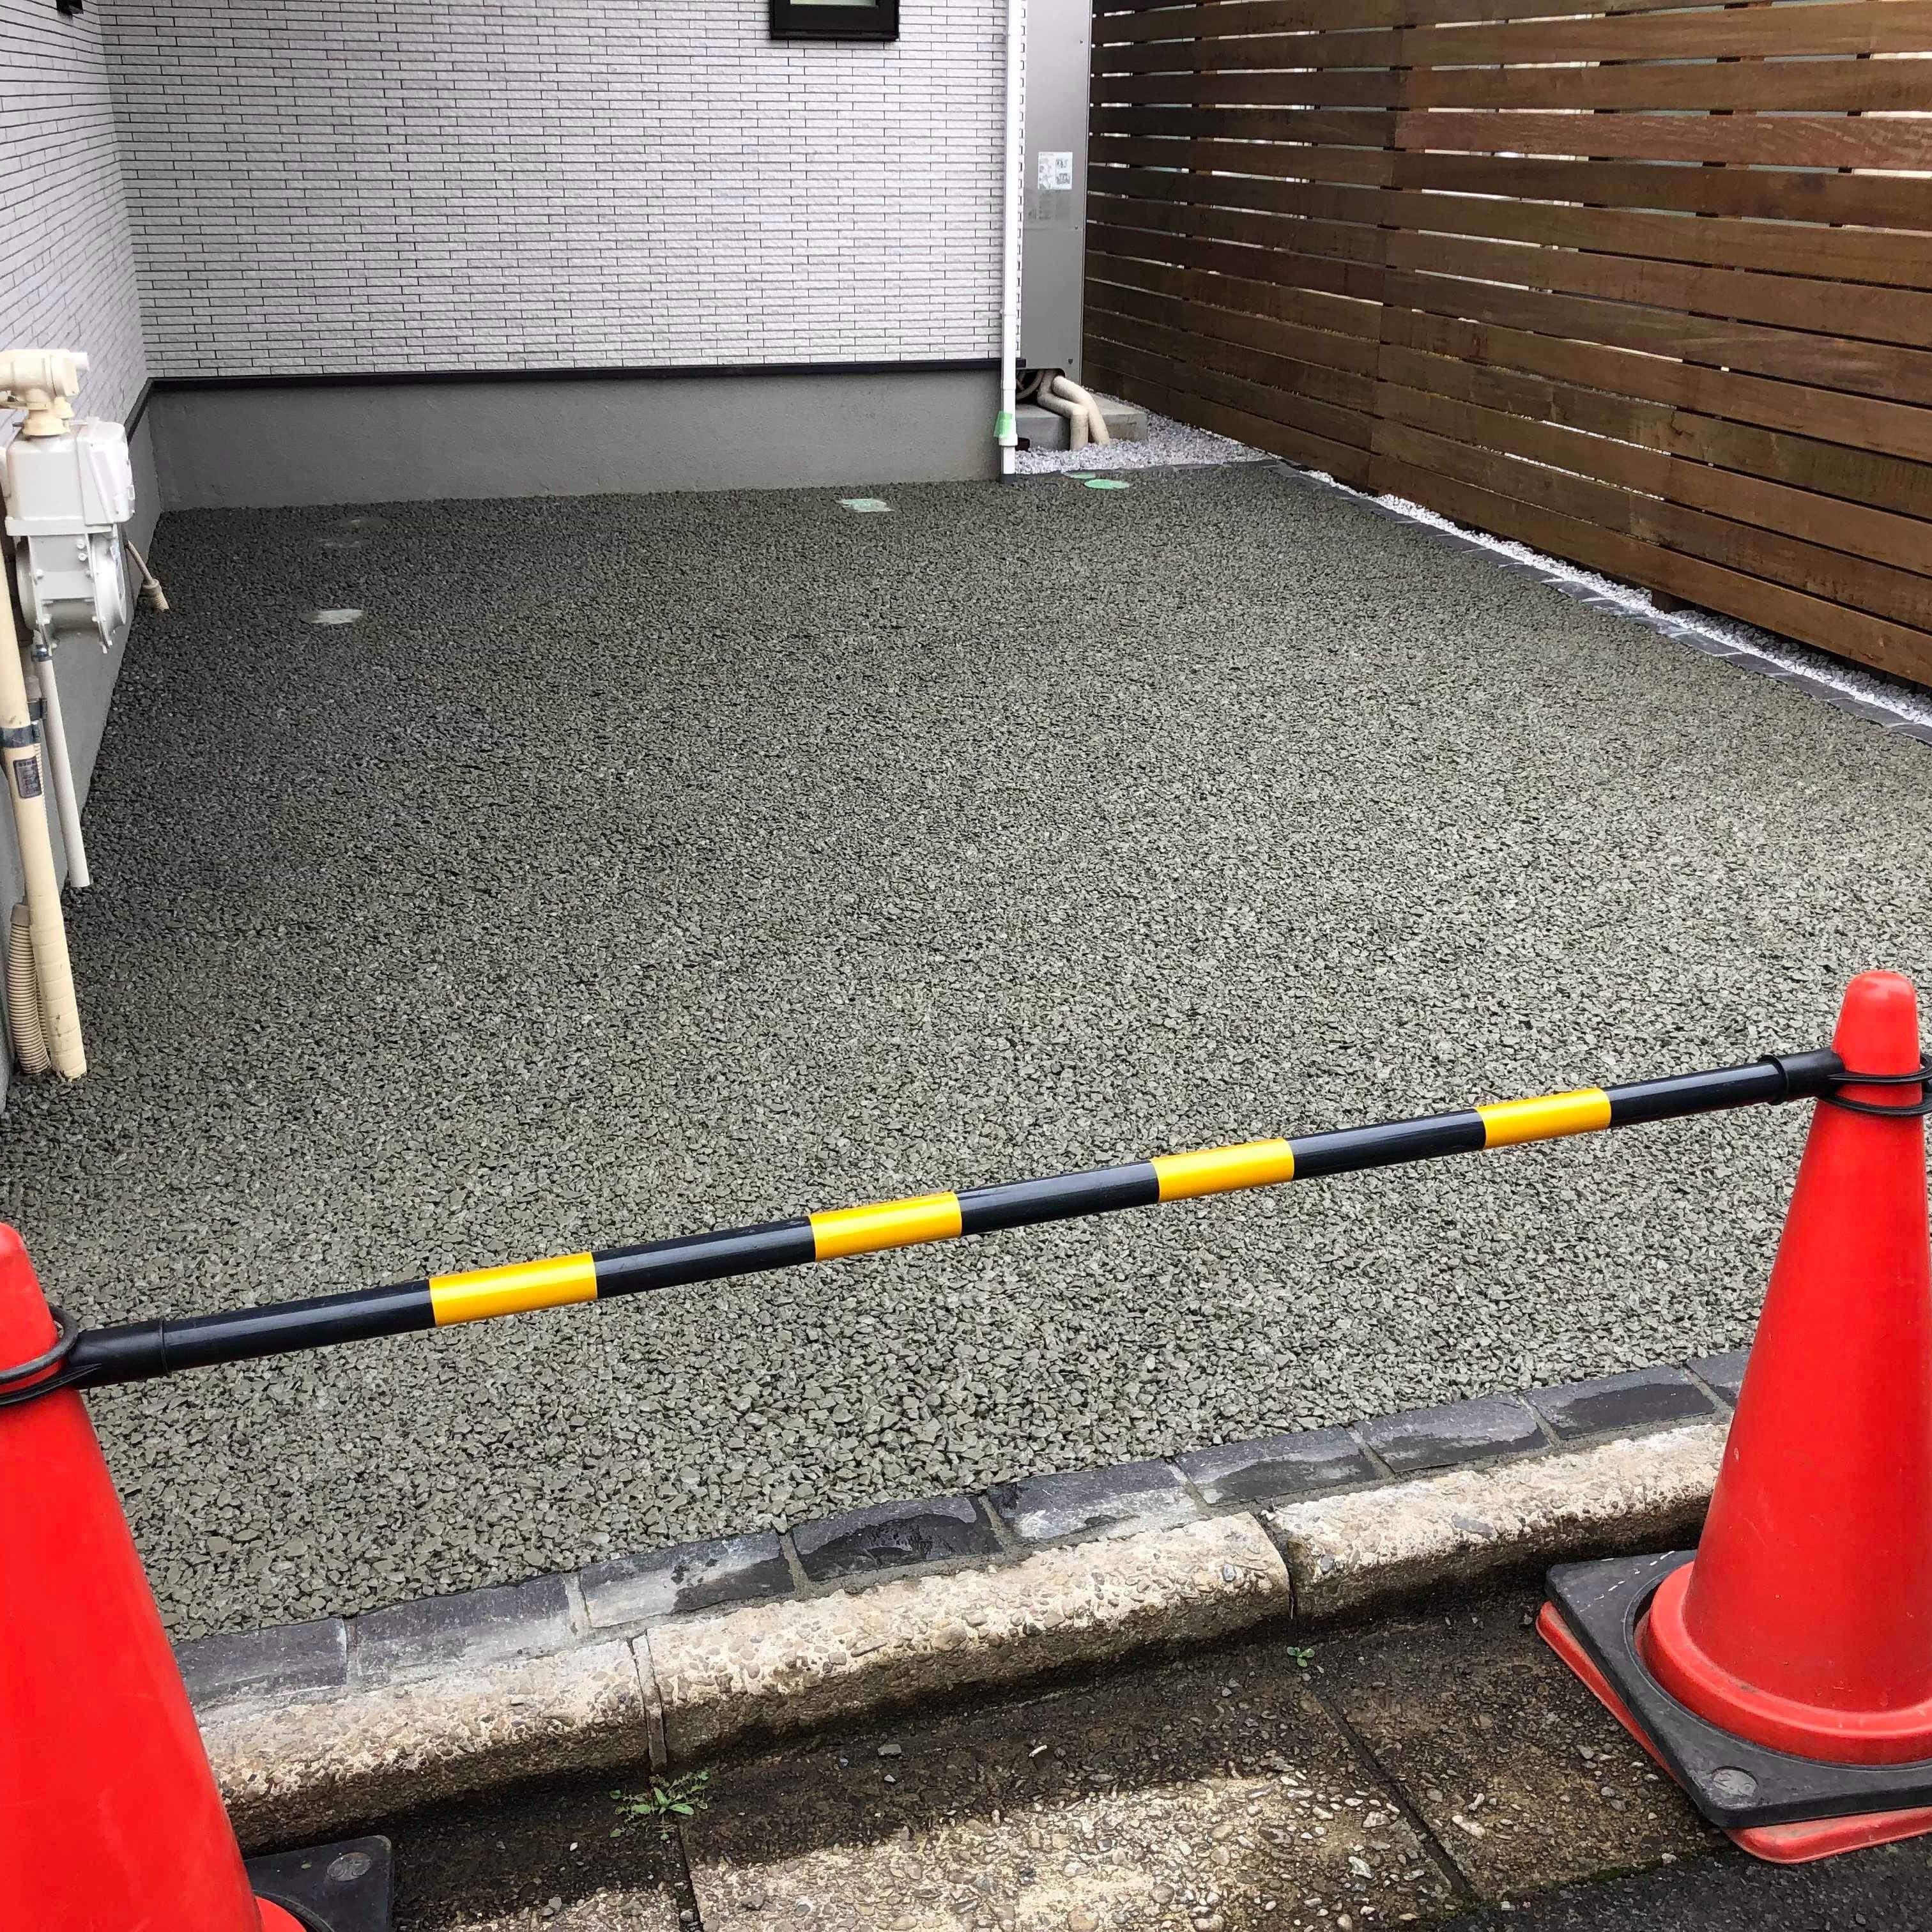 「毎日雨ばかりで困りますね」それなら!【透水性コンクリート】は雨天に強い土間コンクリート